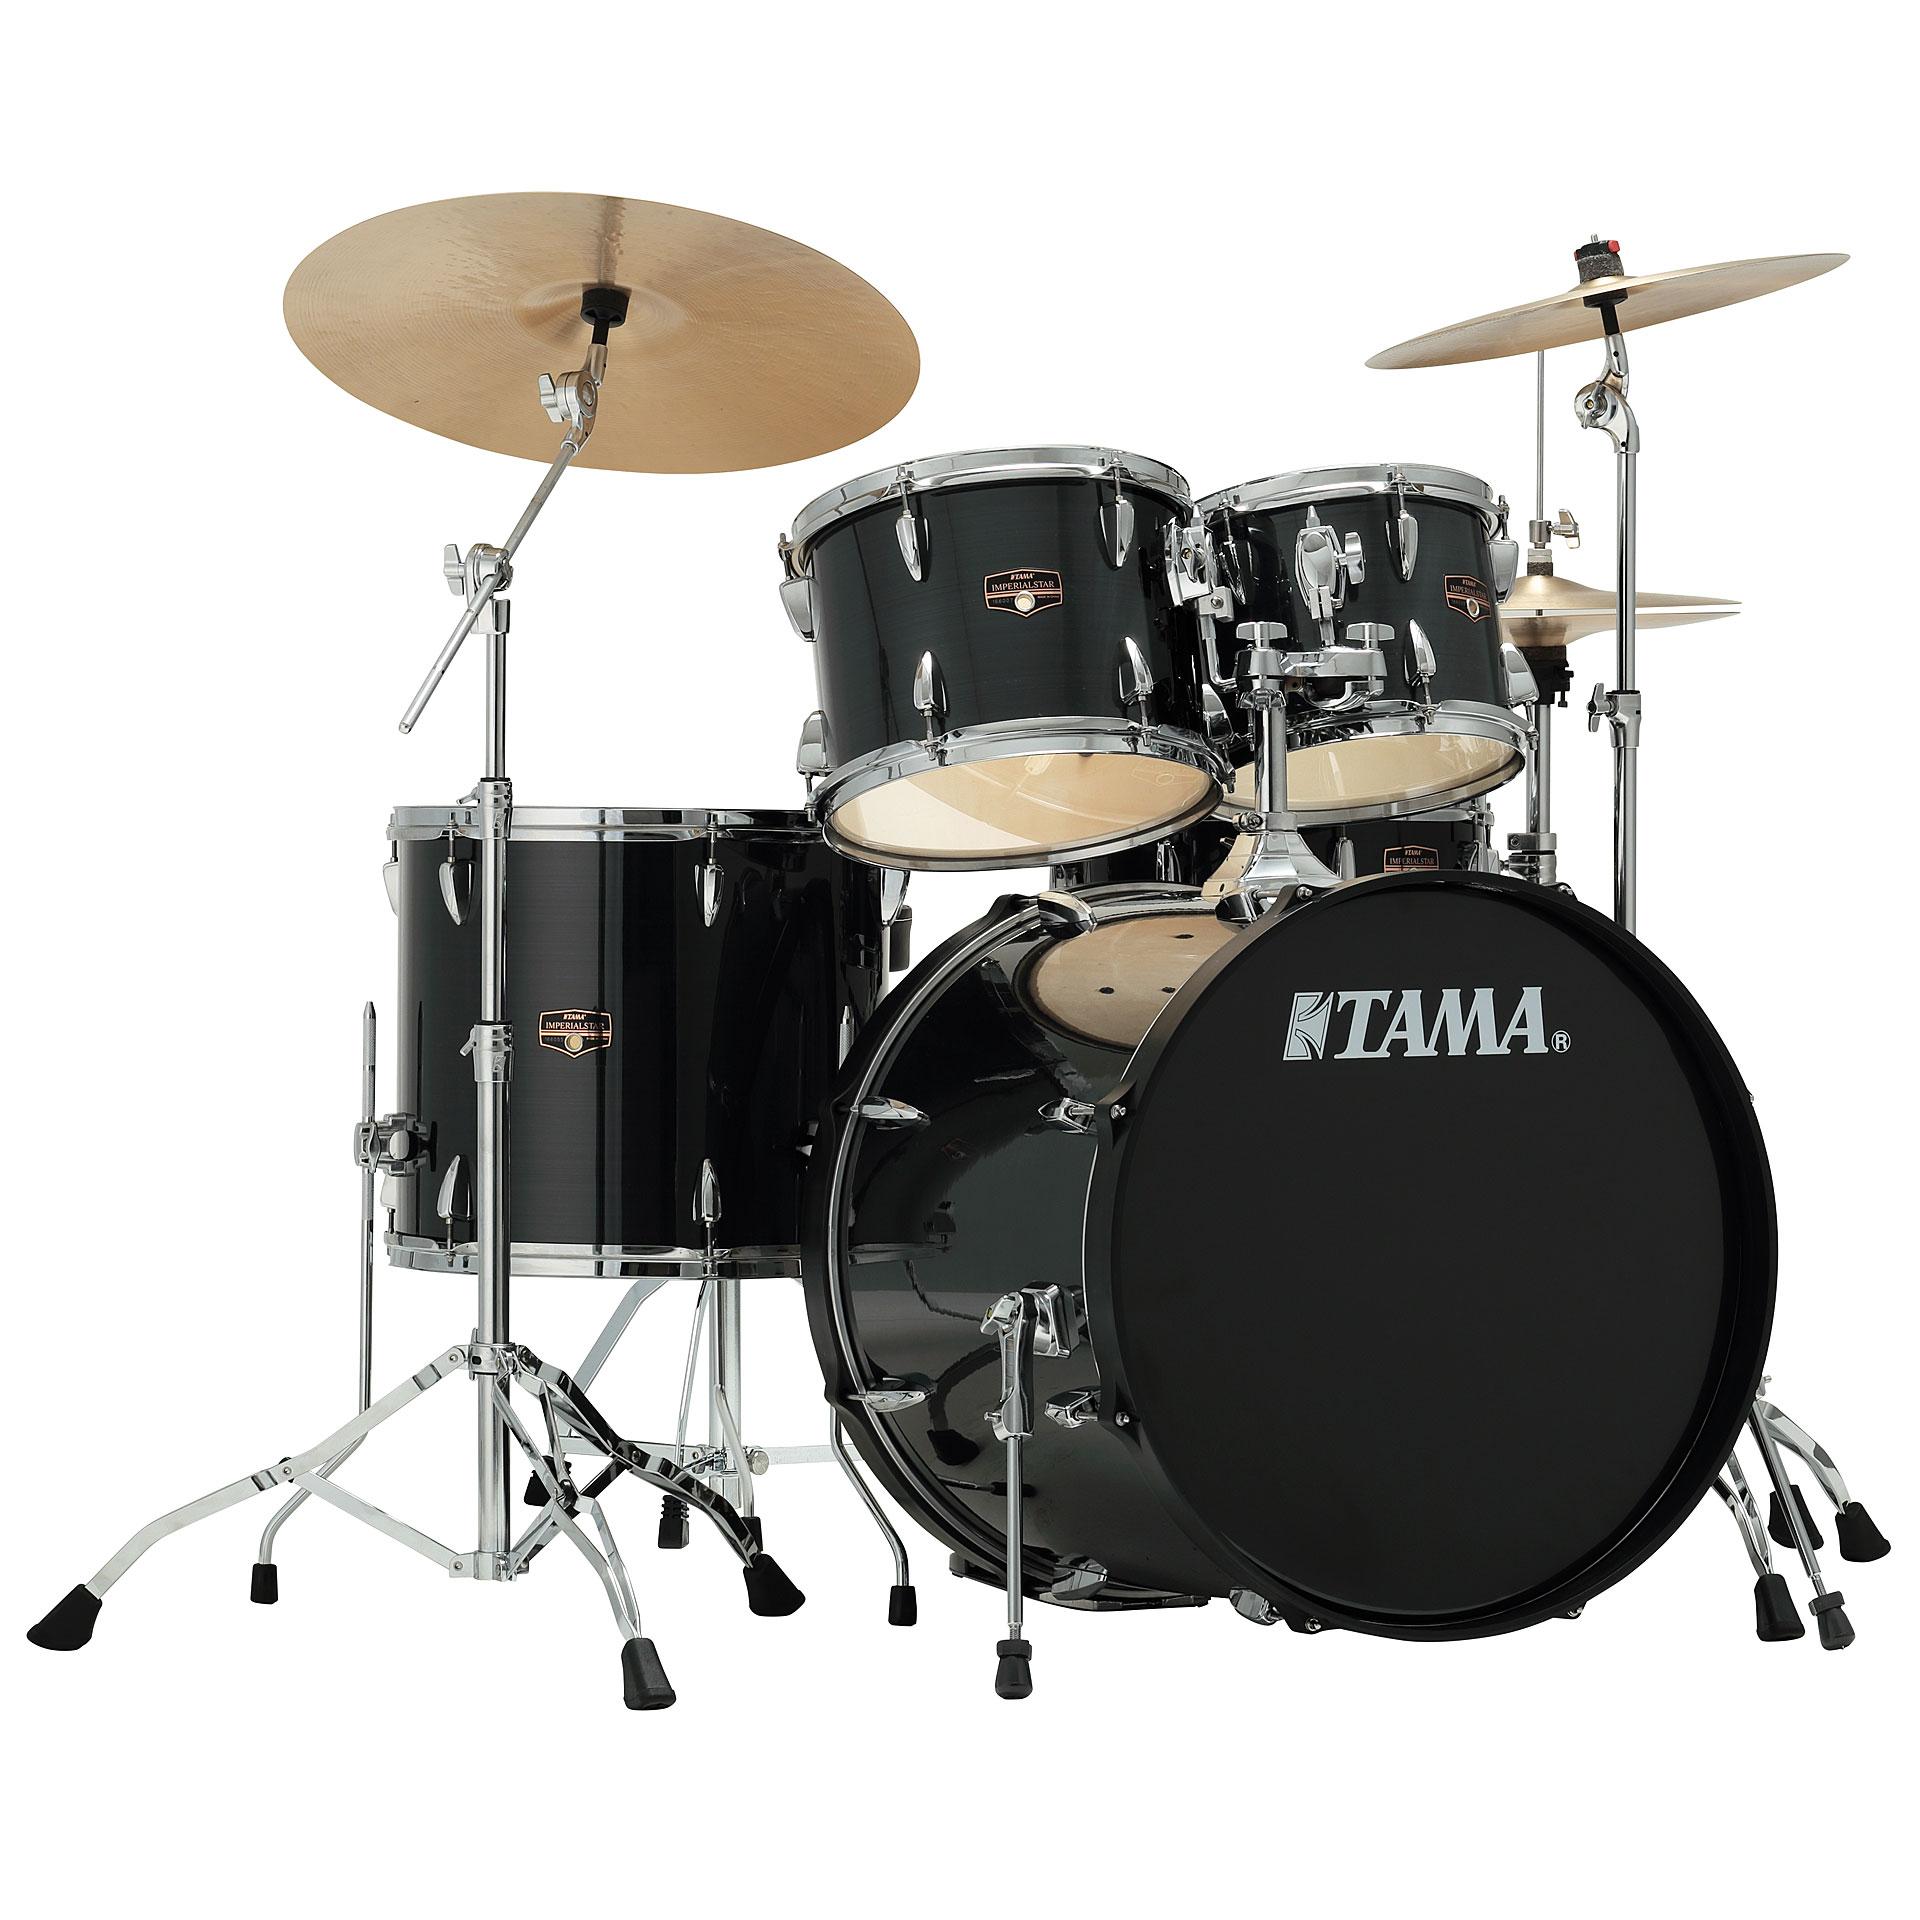 tama imperialstar 22 hairline black drum kit. Black Bedroom Furniture Sets. Home Design Ideas